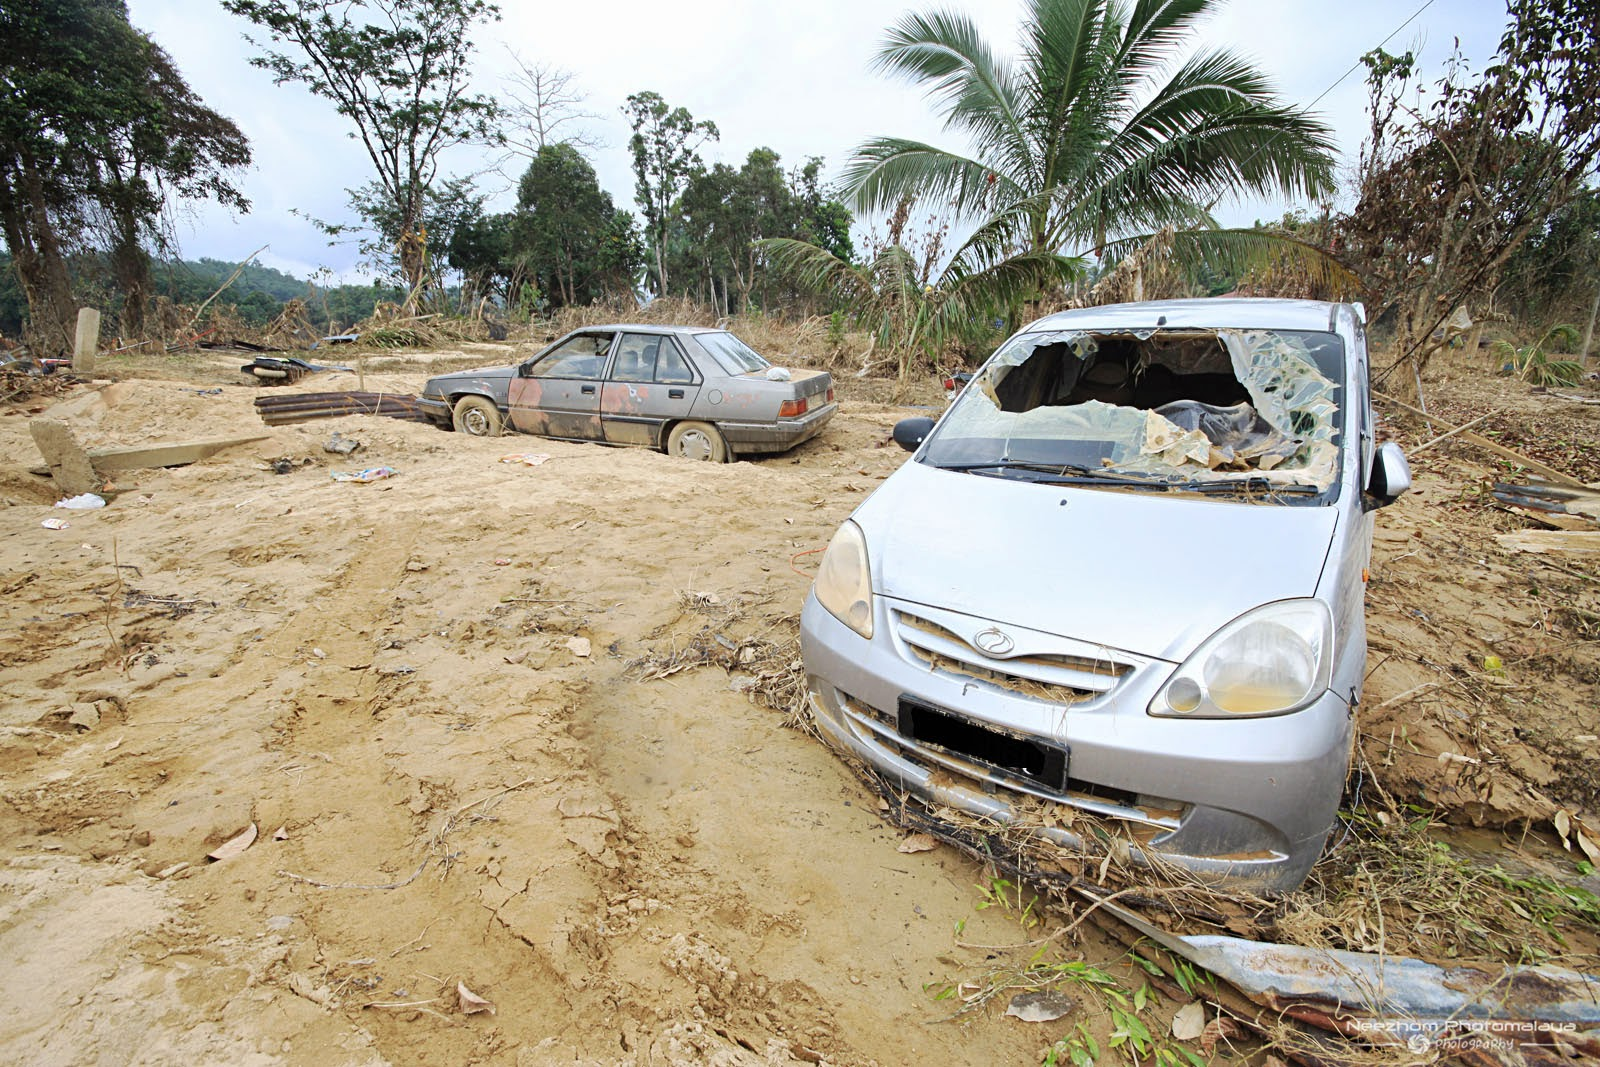 gambar cermin kereta pecah kesan Banjir besar di Kampung Manjor, Kuala Krai